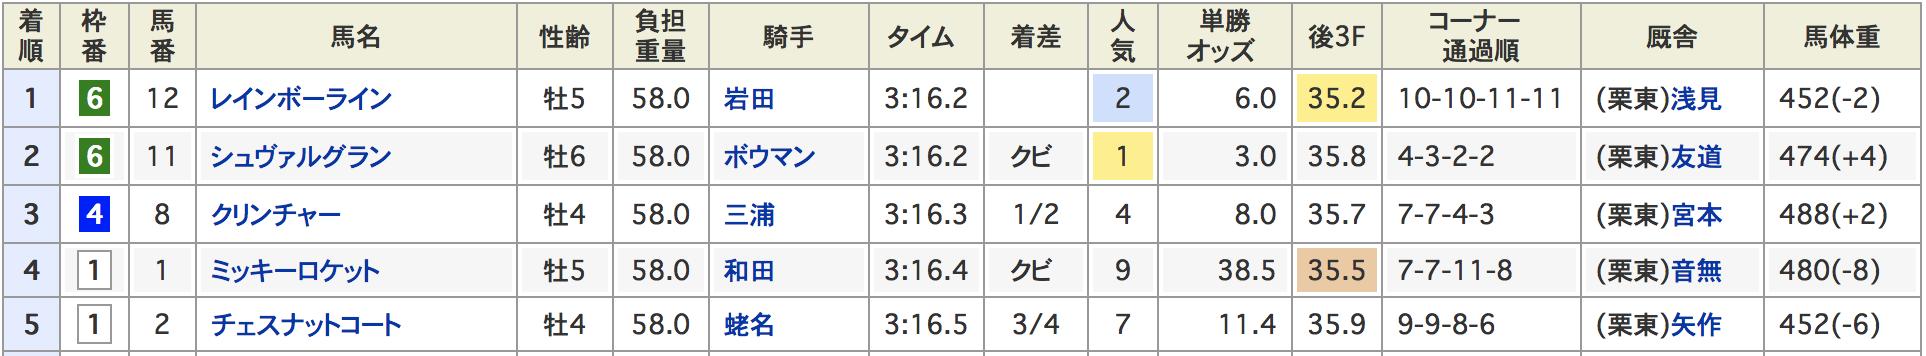 NHKマイルカップ2018天皇賞春2018結果